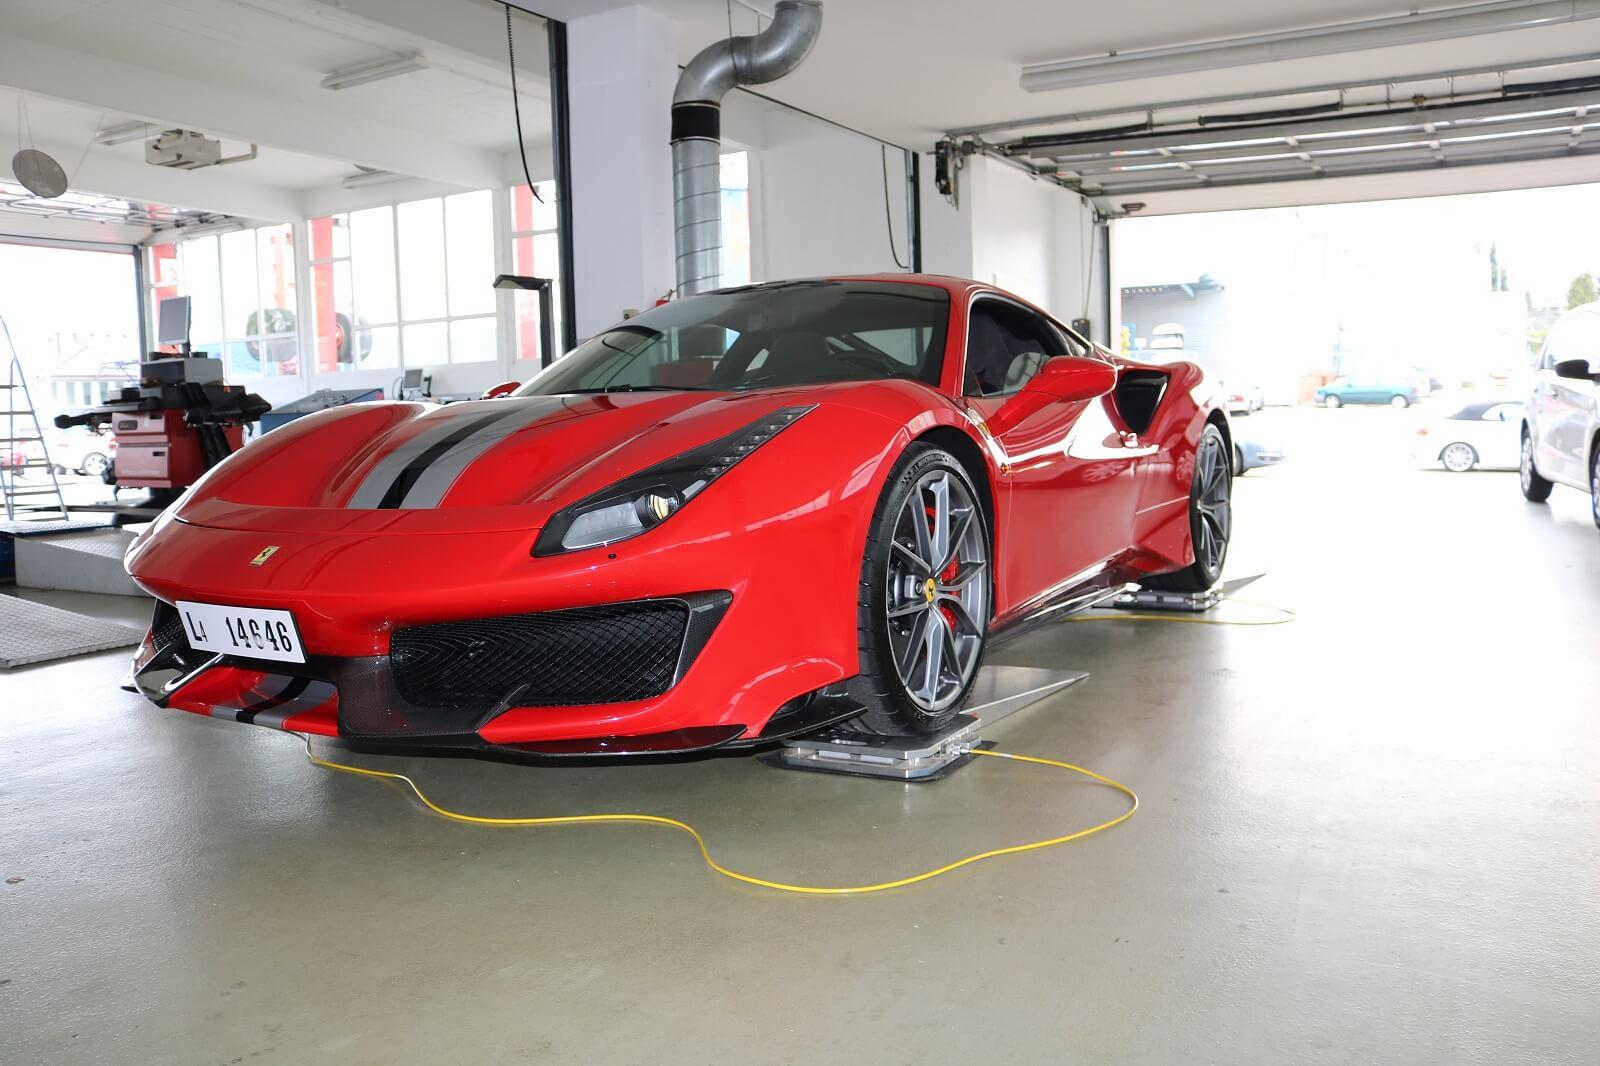 Müller prüft - Ferrari auf dem Prüfstand